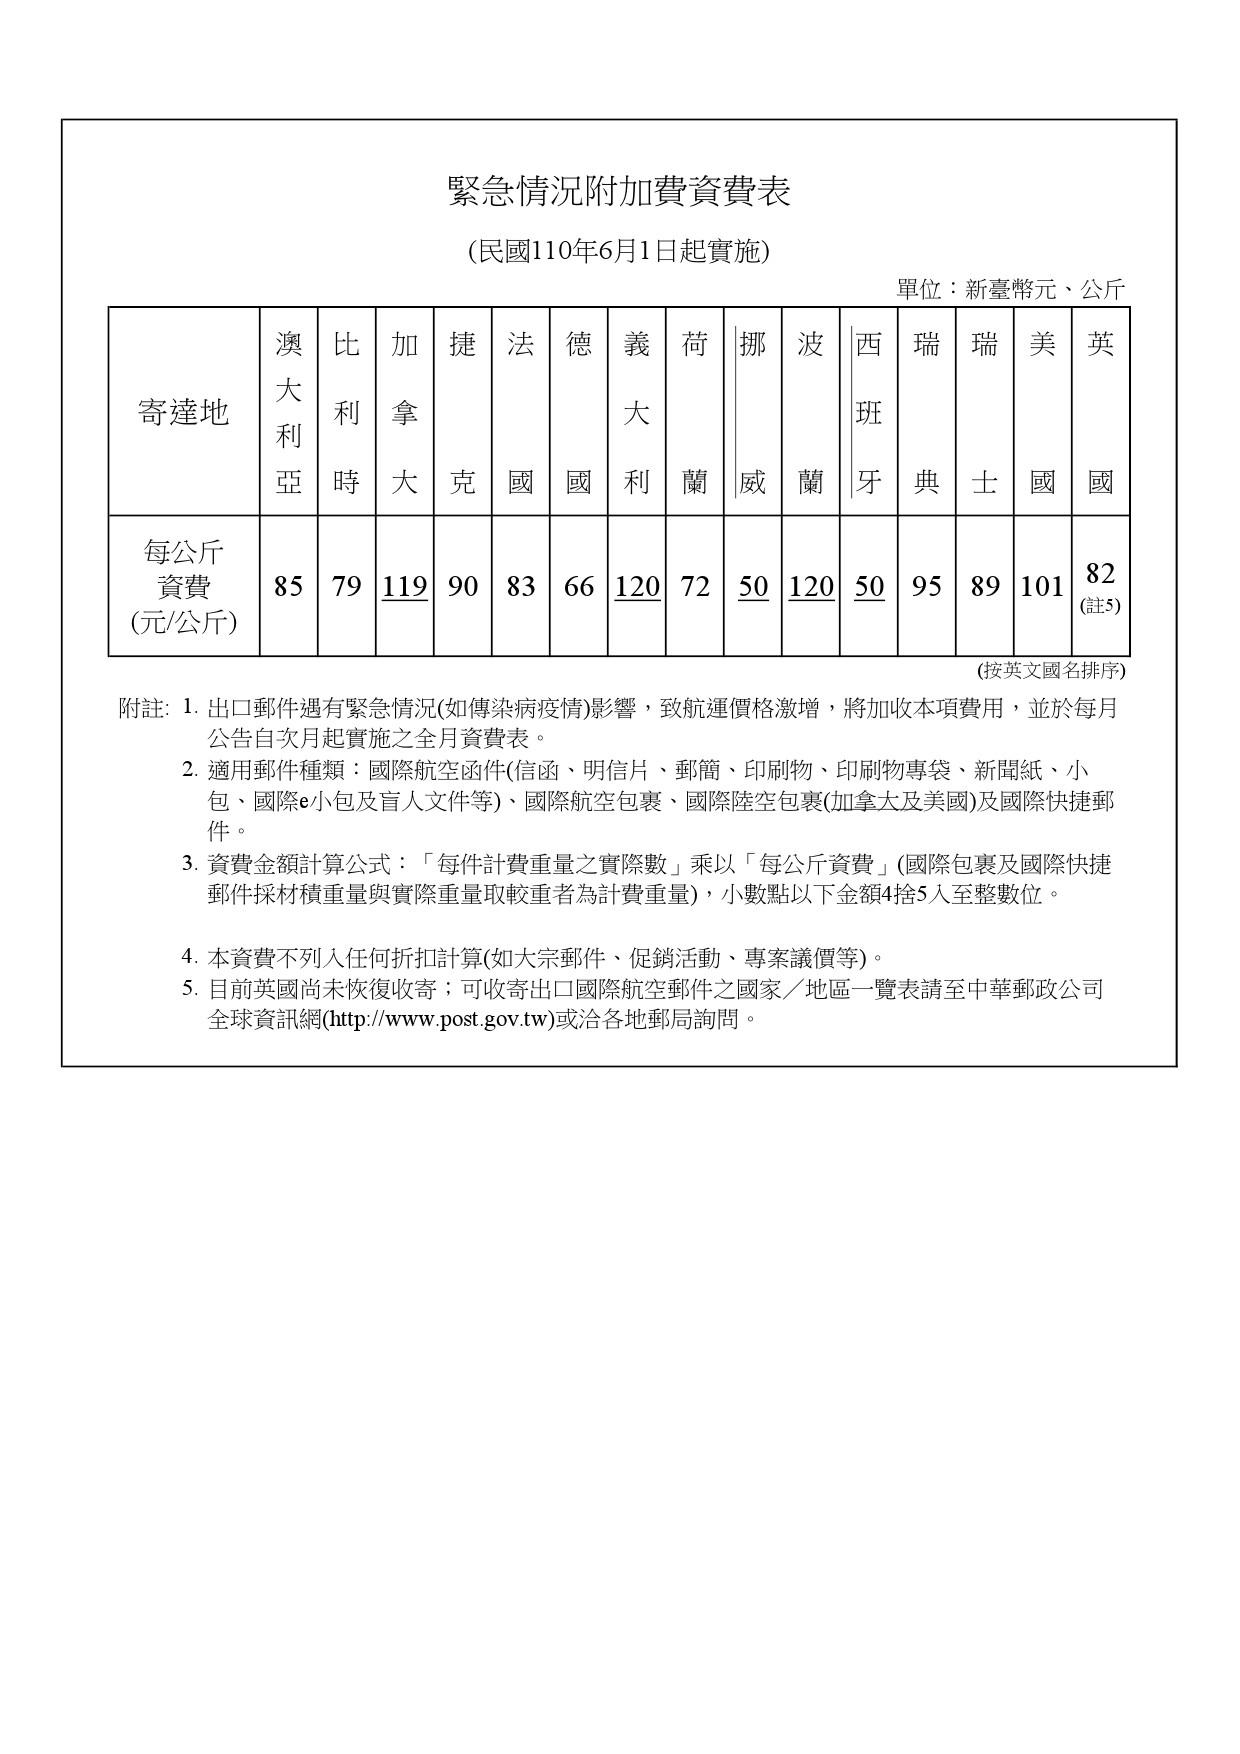 緊急情況附加費資費表(1100601實施)